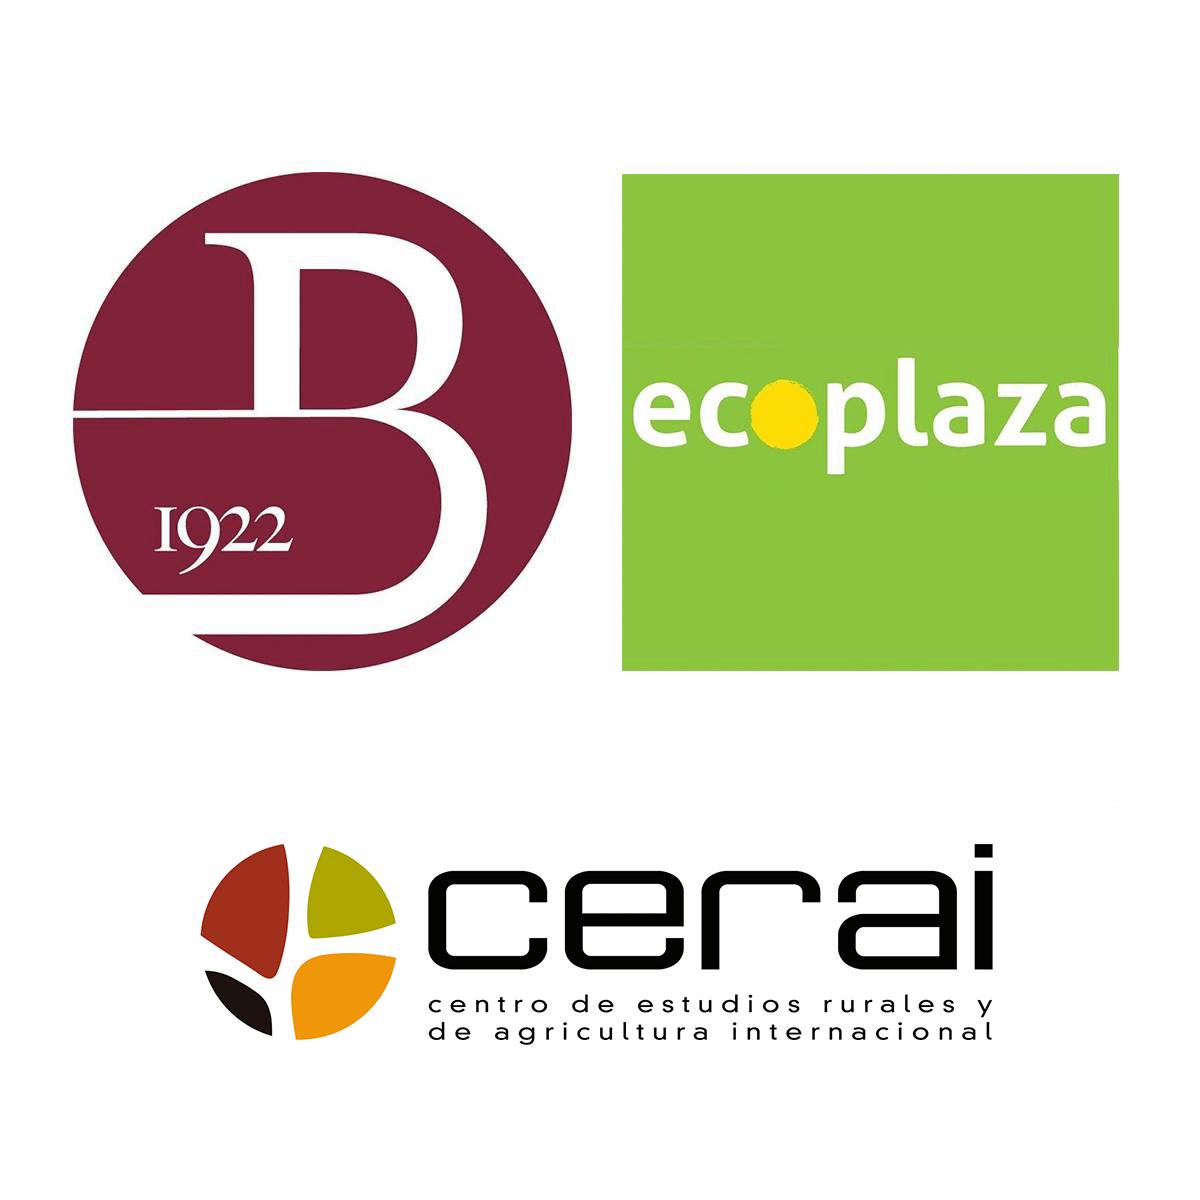 Nuestro agradecimiento Ecoplaza y a Jabones Beltrán por su compromiso social